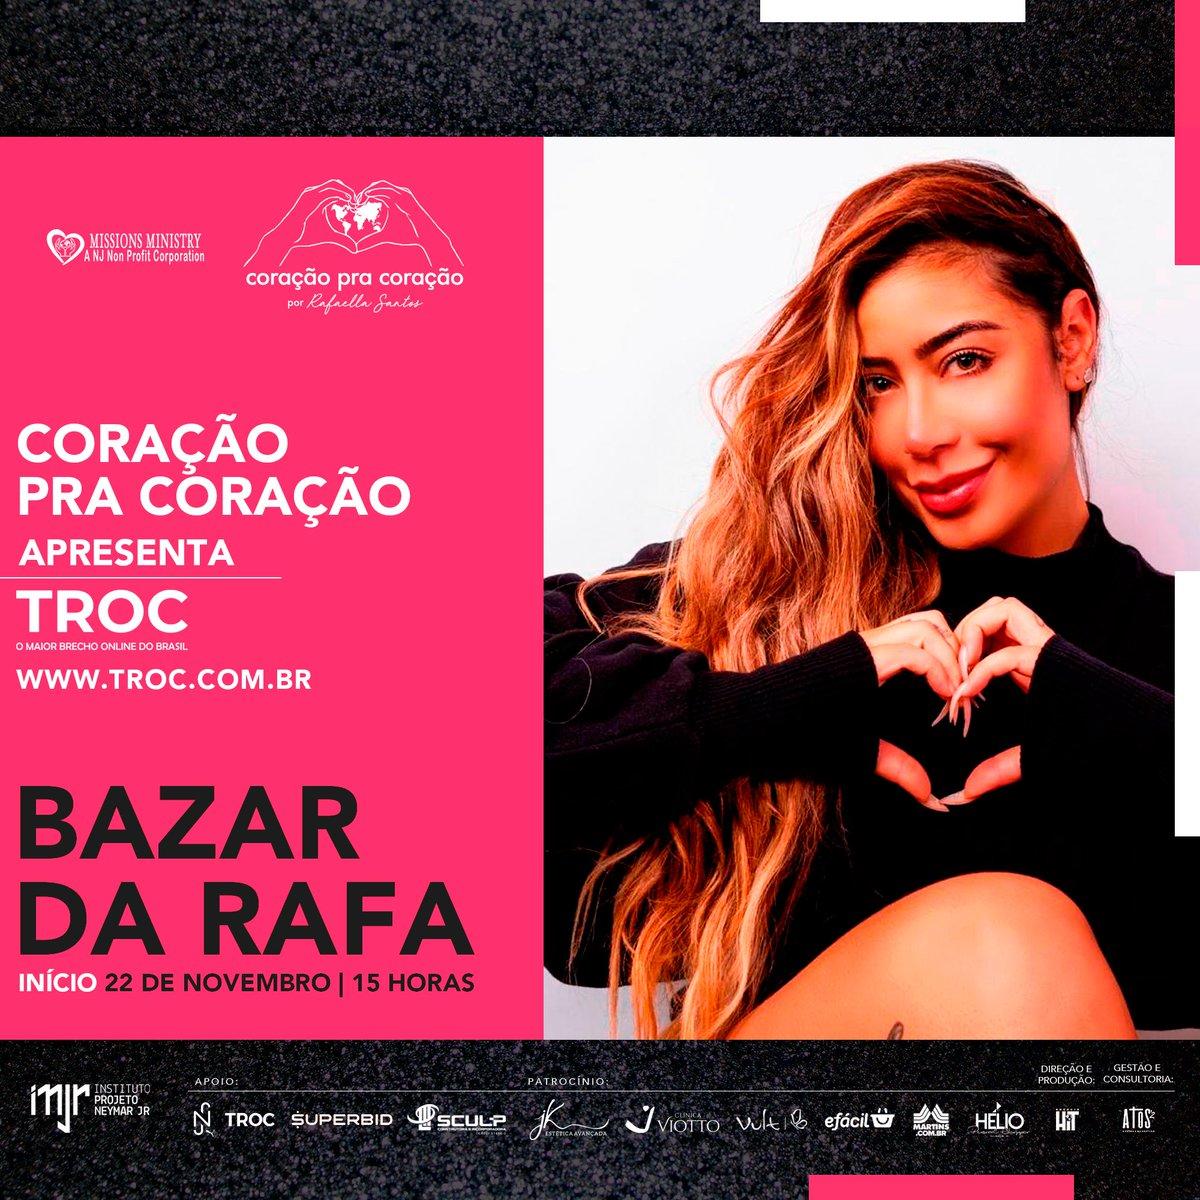 """Minha irmã @Rafaella_ organizou o projeto """"Coração pra Coração"""", uma ação beneficente lançada hoje no canal do YouTube do @InstitutoNJr . Tem um bazar na TROC . Tudo feito por ela com muito carinho ela. Confere 👉🏾"""